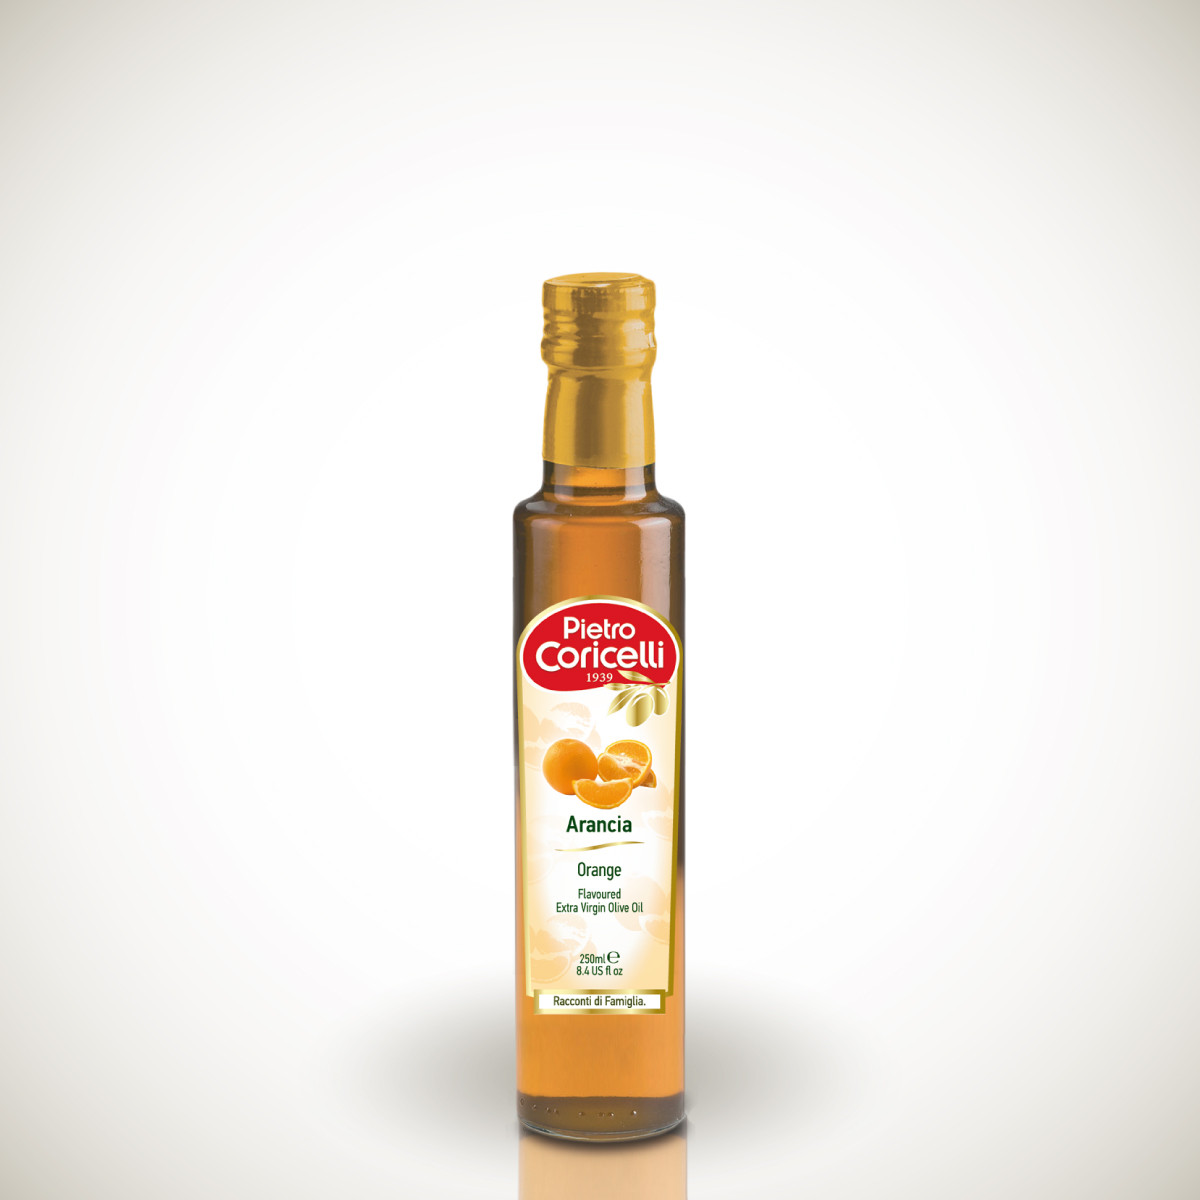 Оливковое масло с апельсином Pietro Coricelli Arancia, 250 мл. Италия